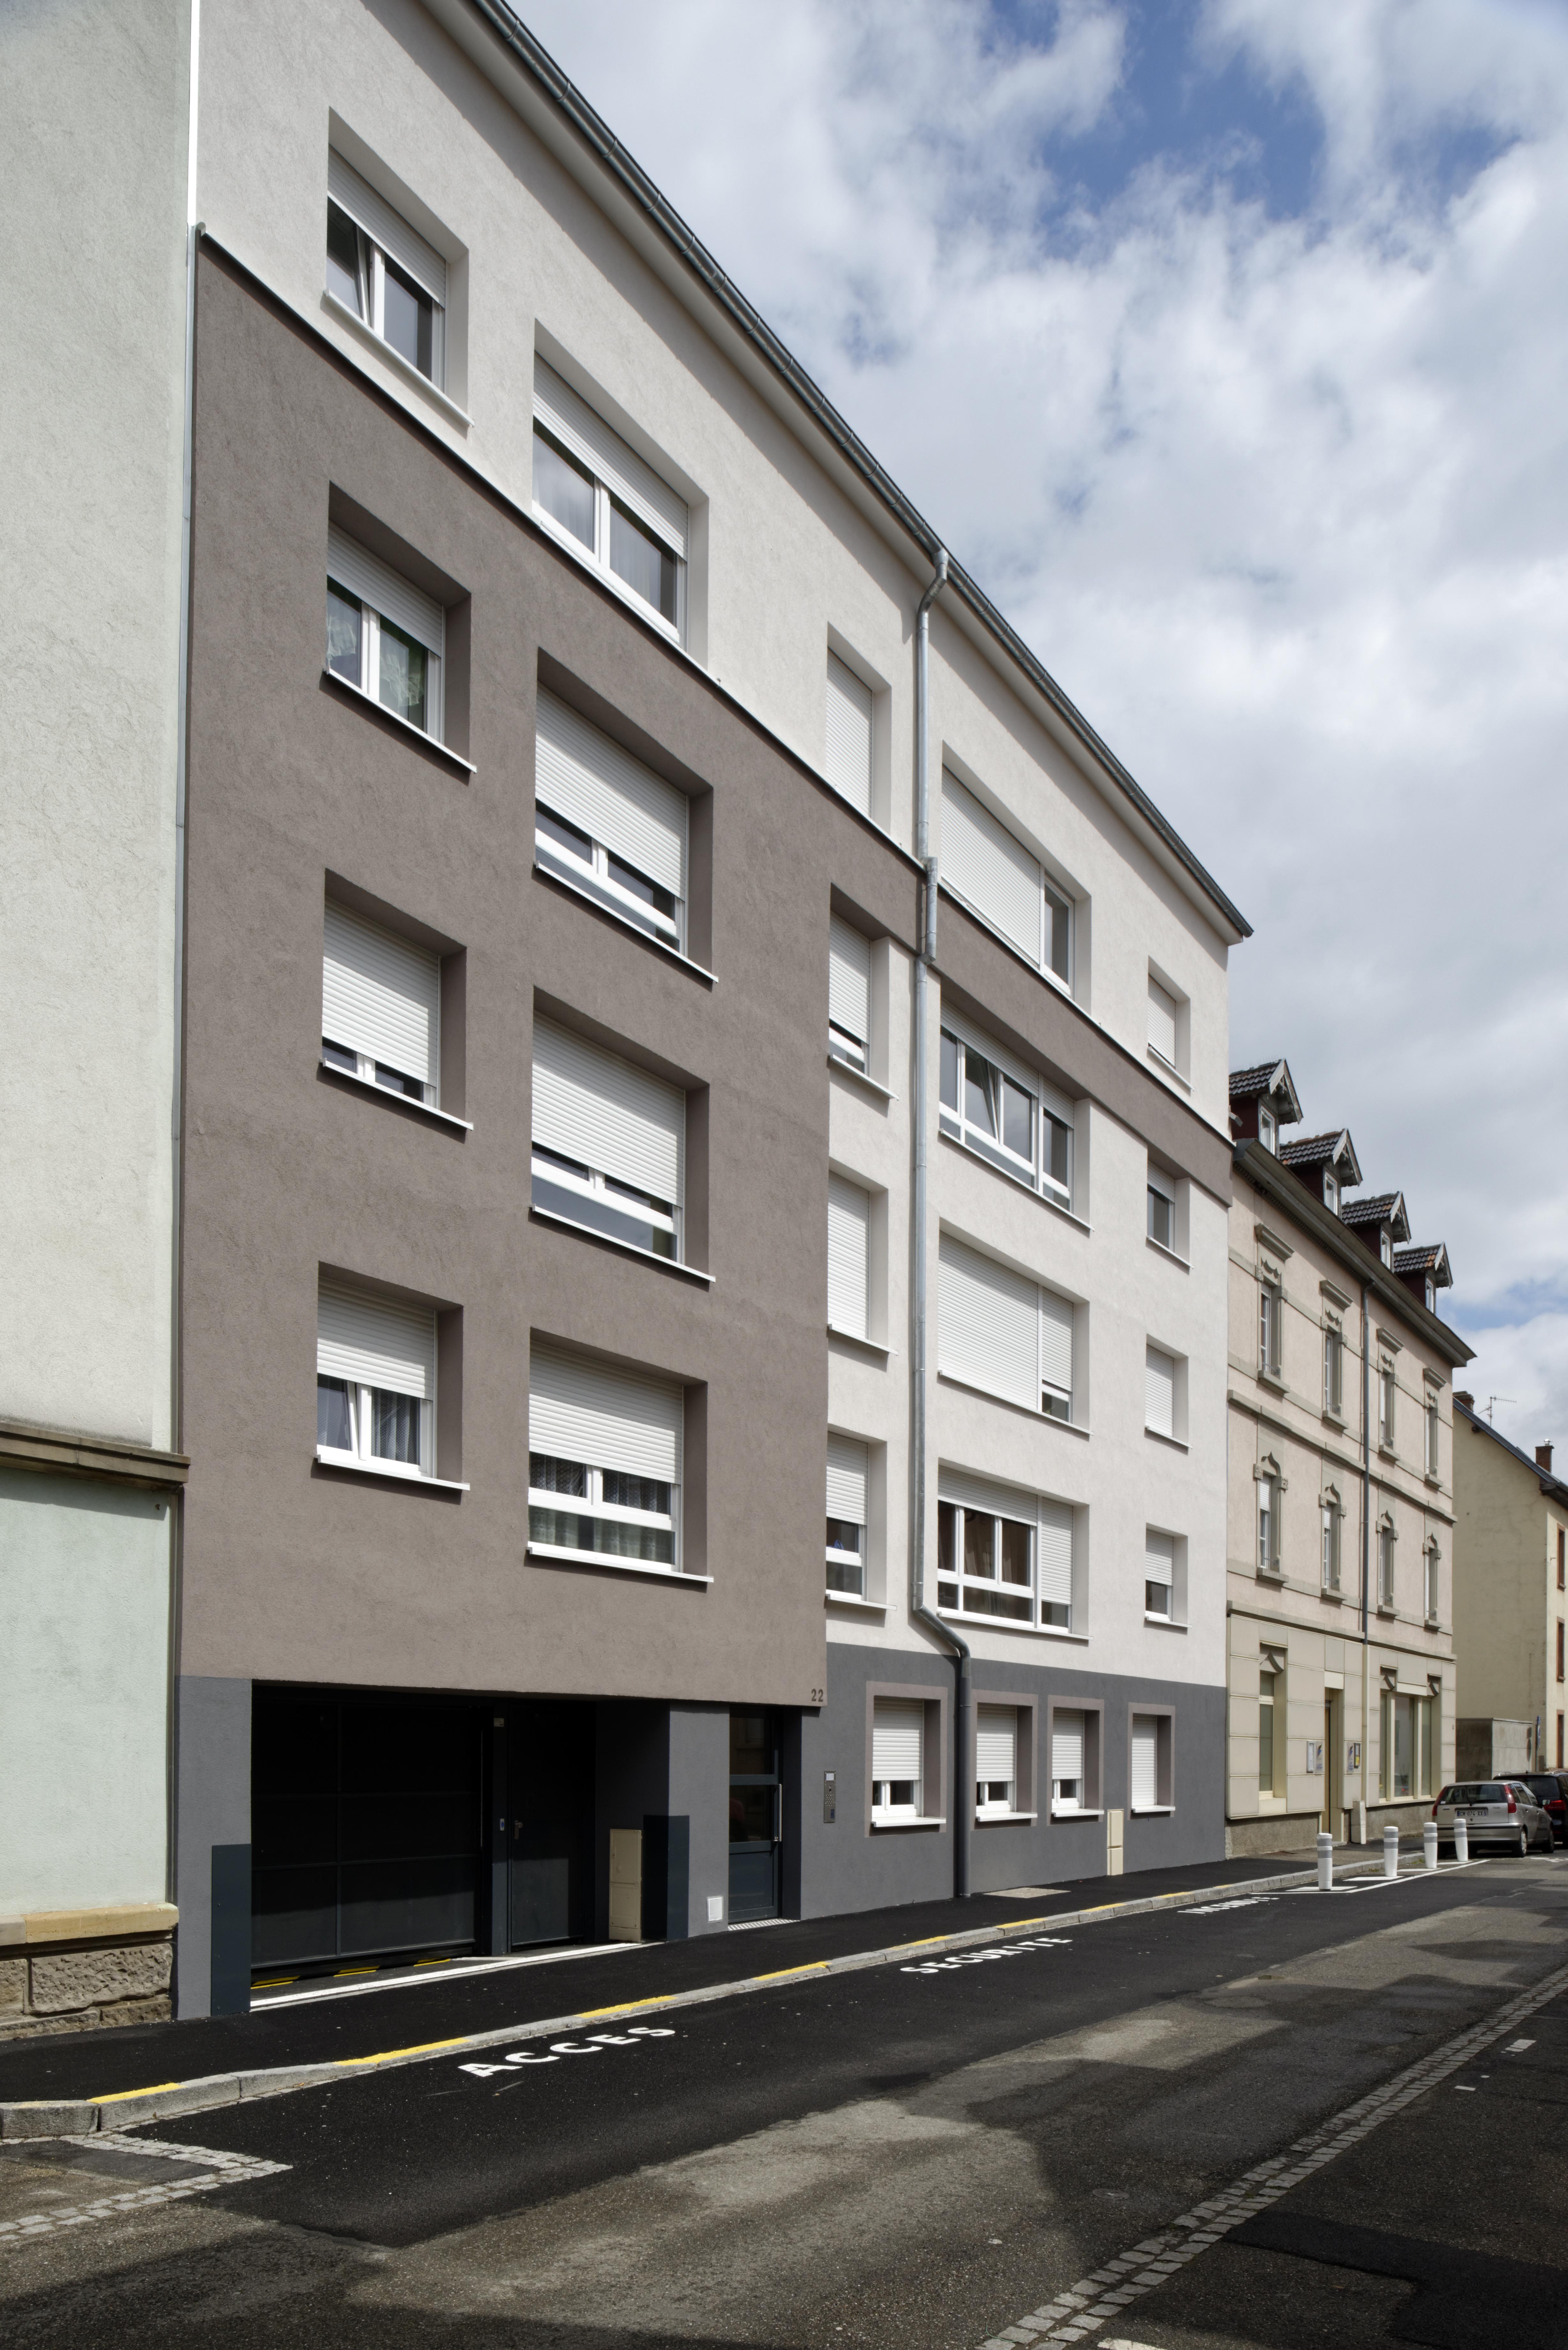 Bischheim_immeuble_01